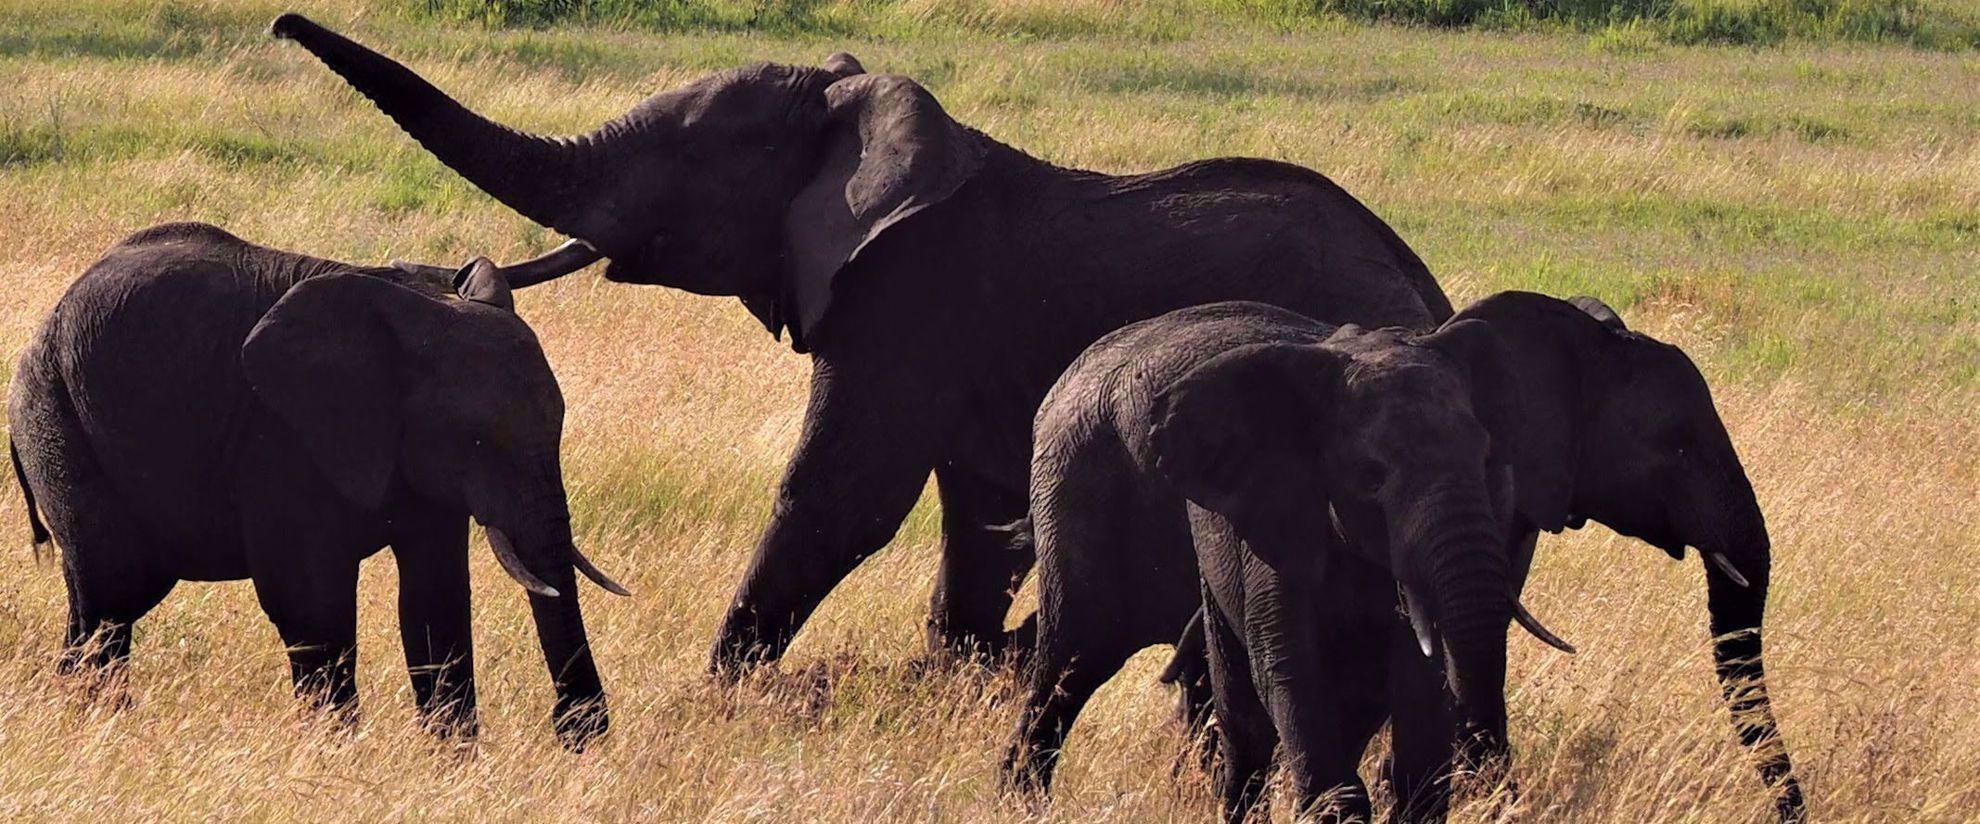 family of elephants in tanzania